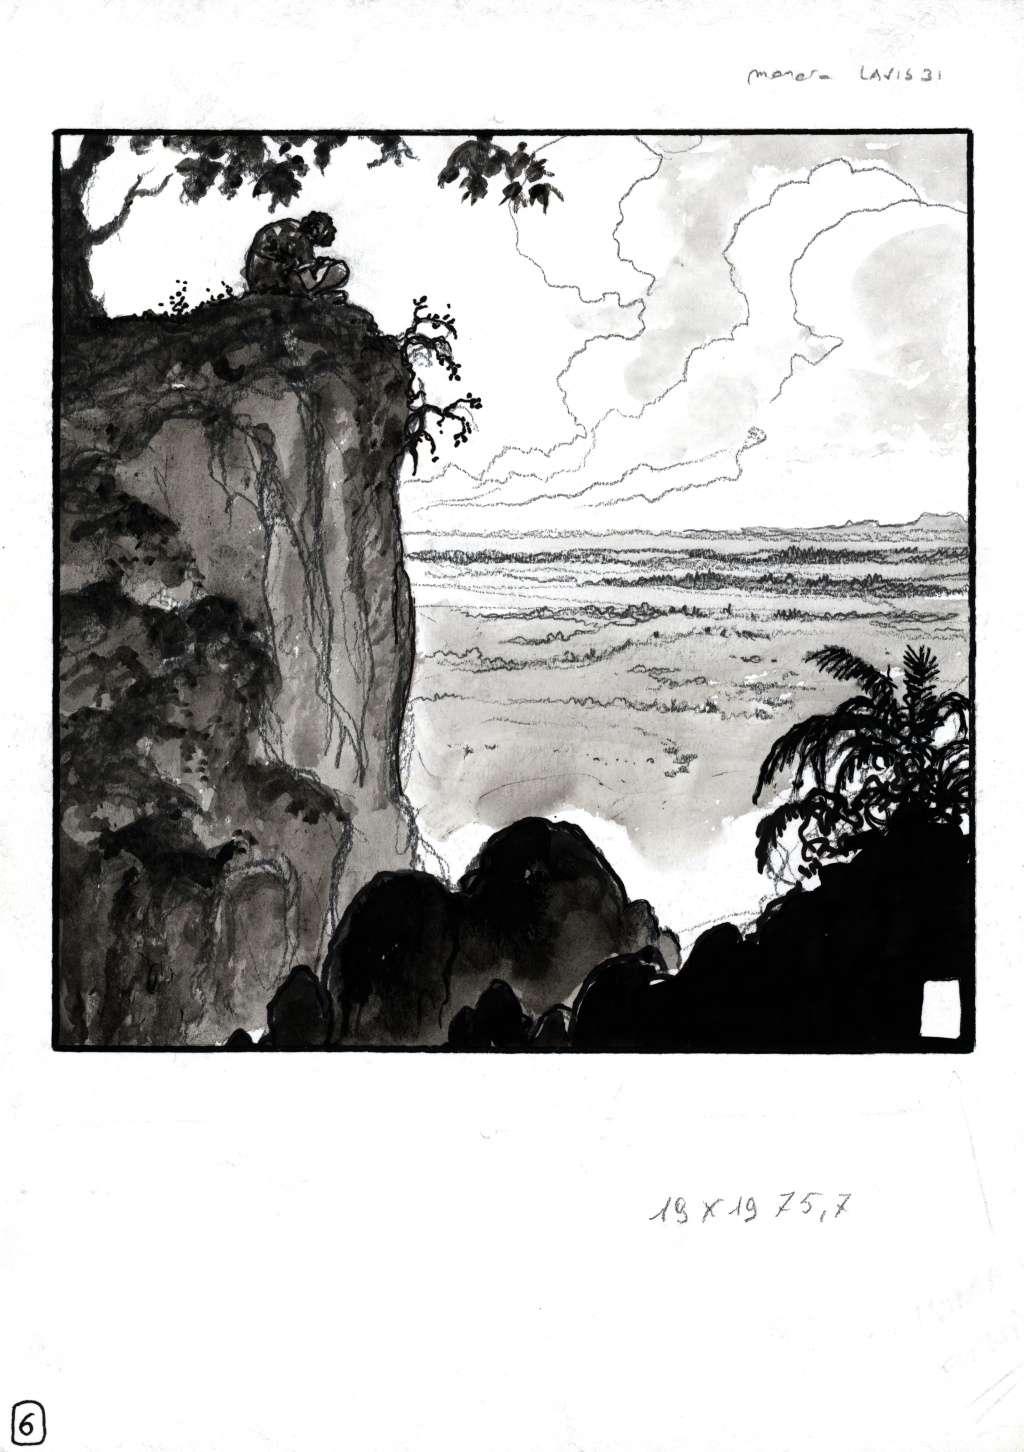 Manara, du côté d'Eros...et d'ailleurs - Page 4 Manara10